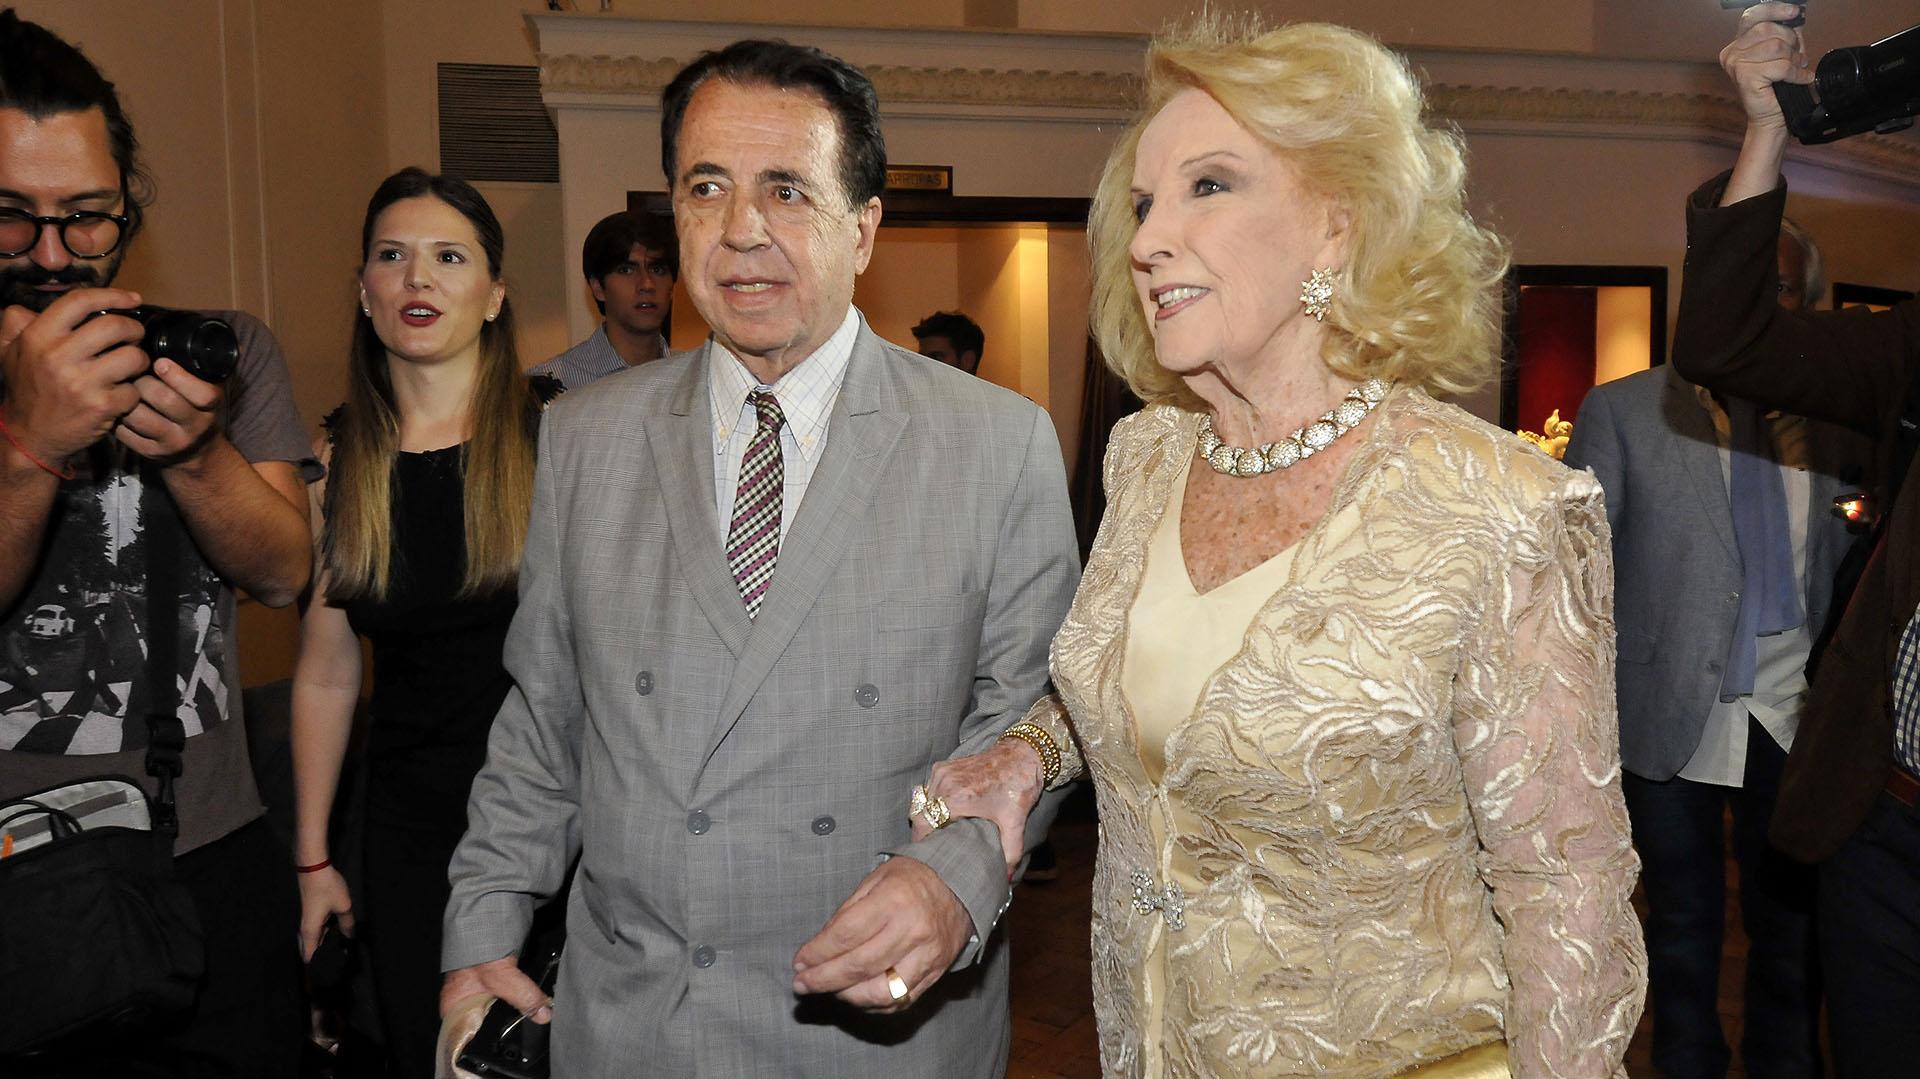 Mirtha Legrand, acompañada por Héctor Vidal Rivas (Créditos: Verónica Guerman / Teleshow)